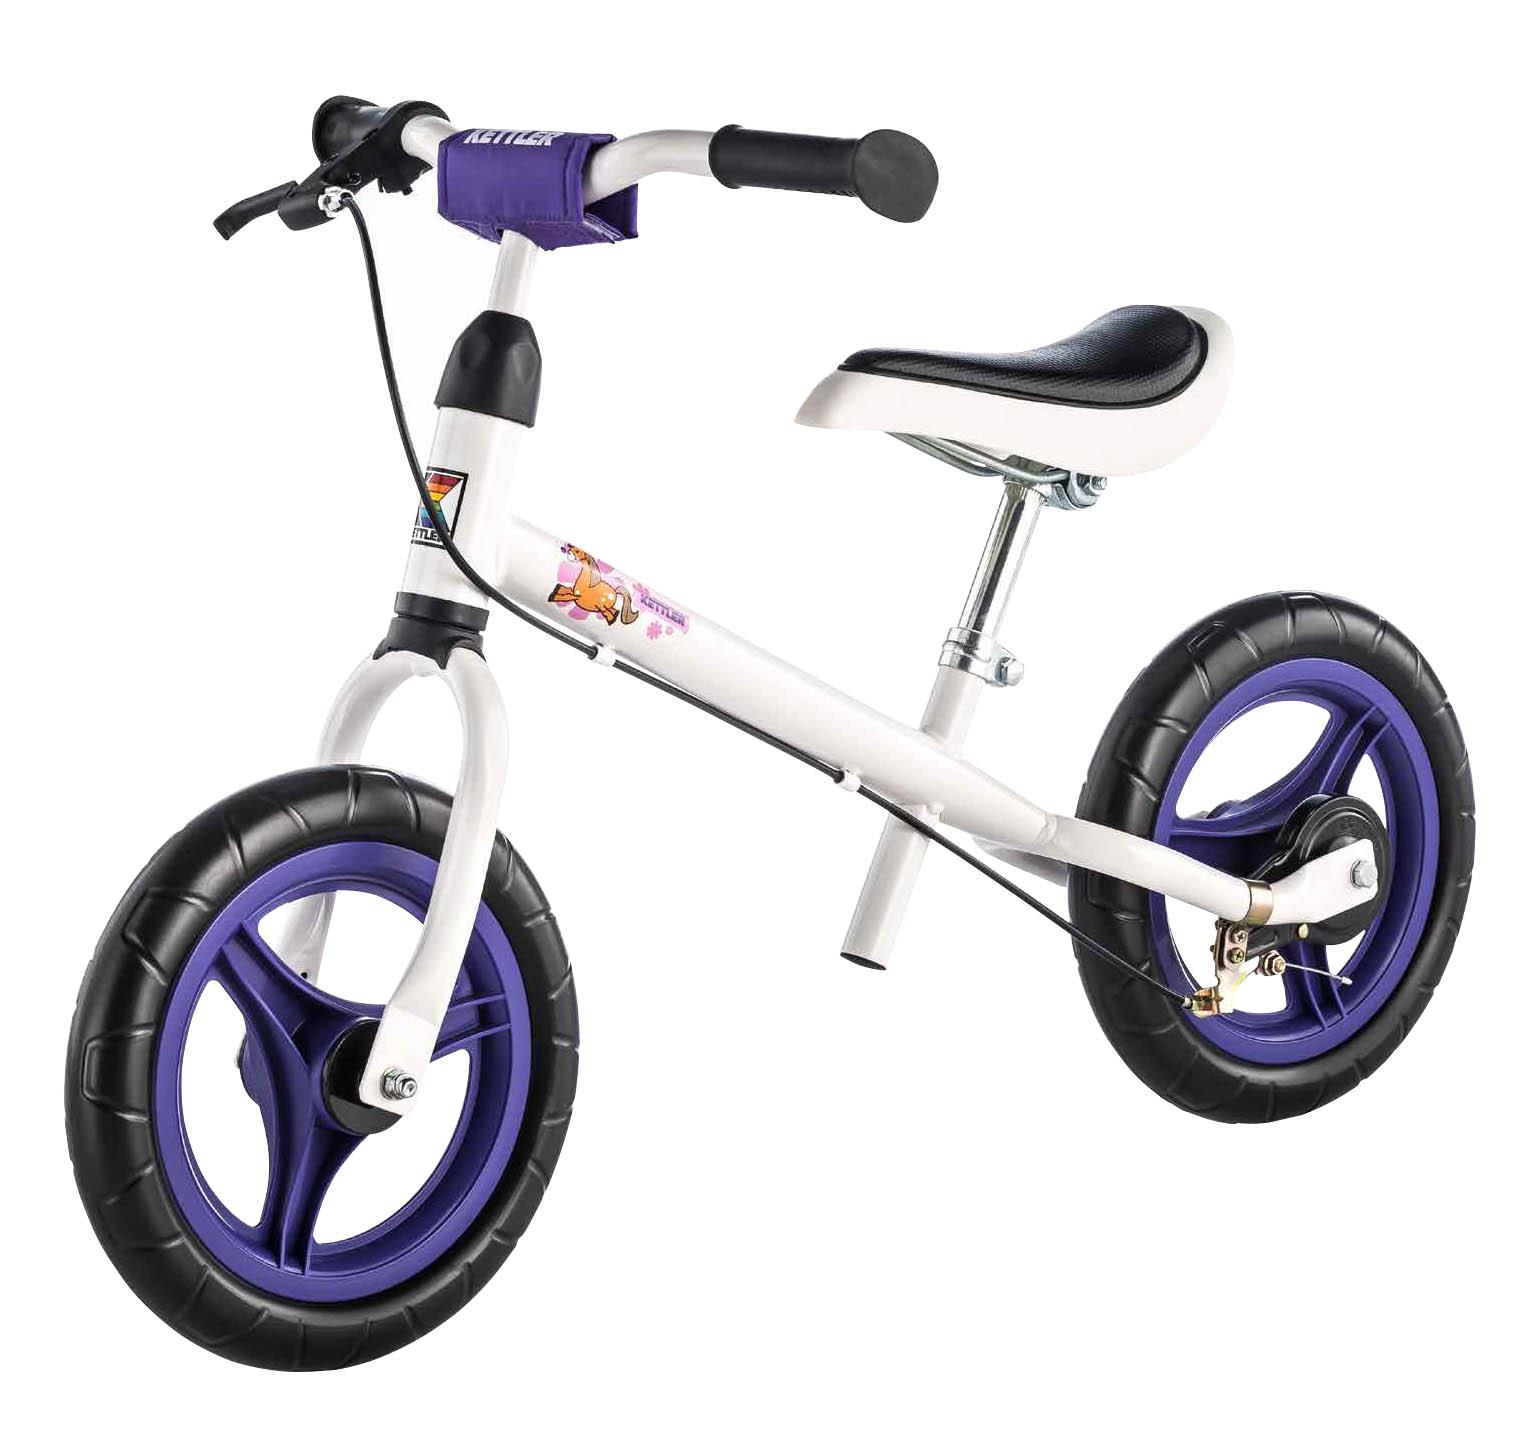 Balansinis dviratukas KETTLER Speedy Pablo 3-5 metų vaikams